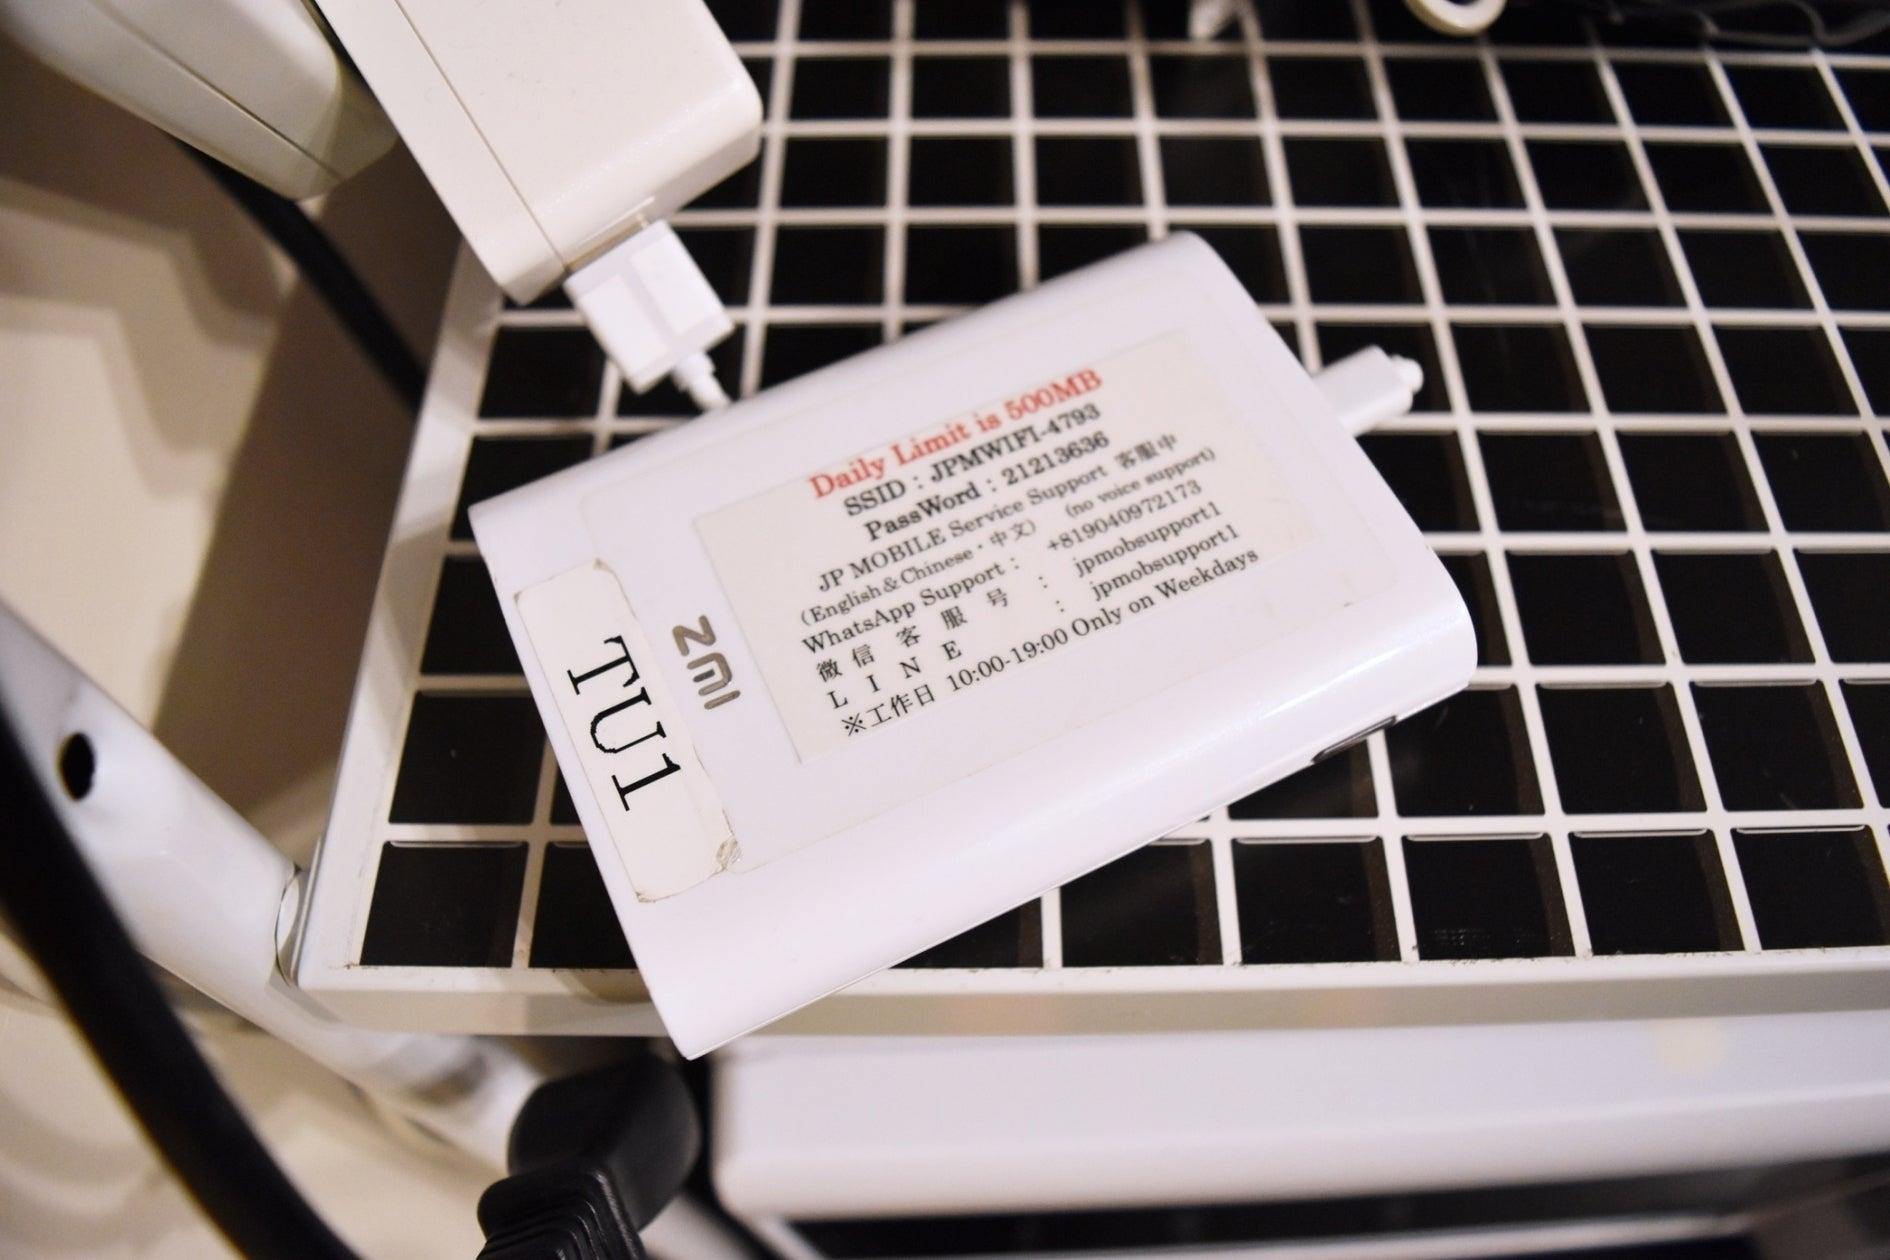 SP014★渋谷駅から歩いてすぐ!パーティー・女子会・宅飲み・撮影会・仮眠にも★ のサムネイル